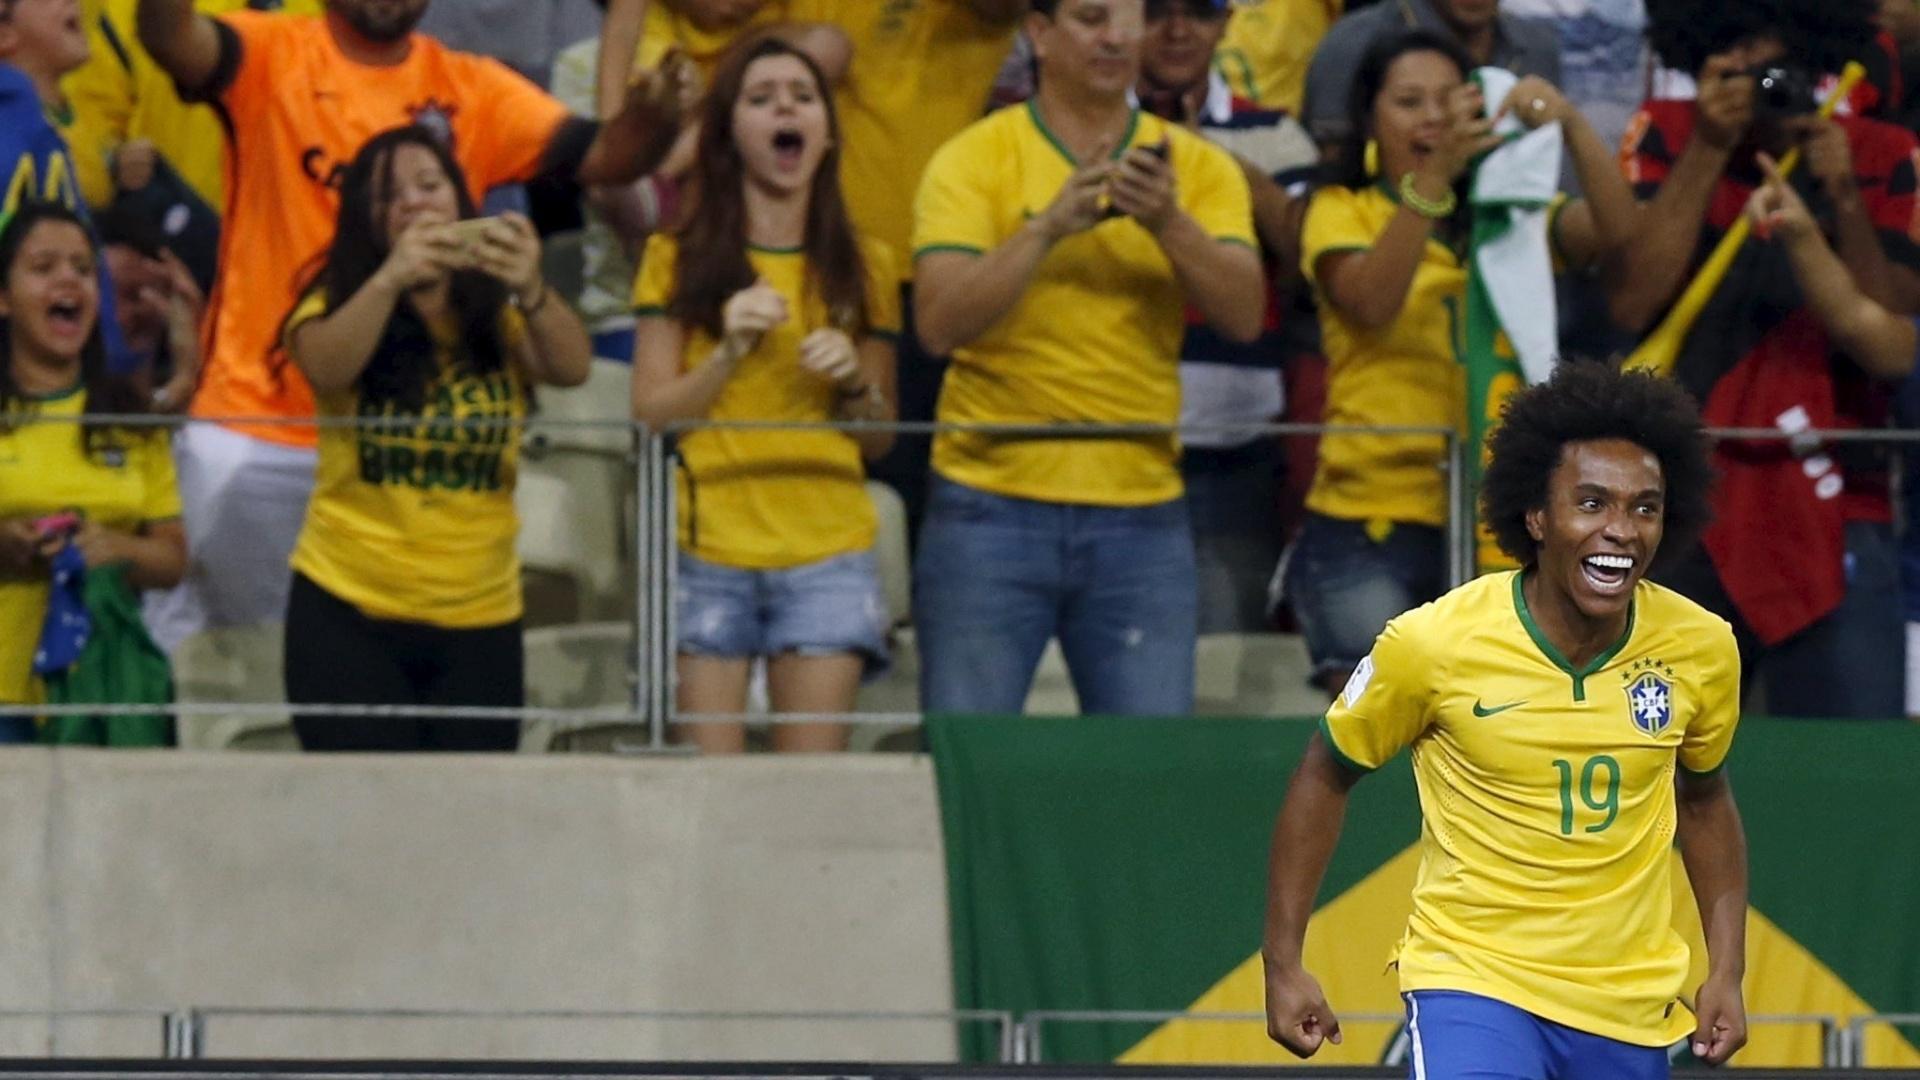 Willian comemora o seu gol contra a Venezuela, pelas Eliminatórias da Copa do Mundo